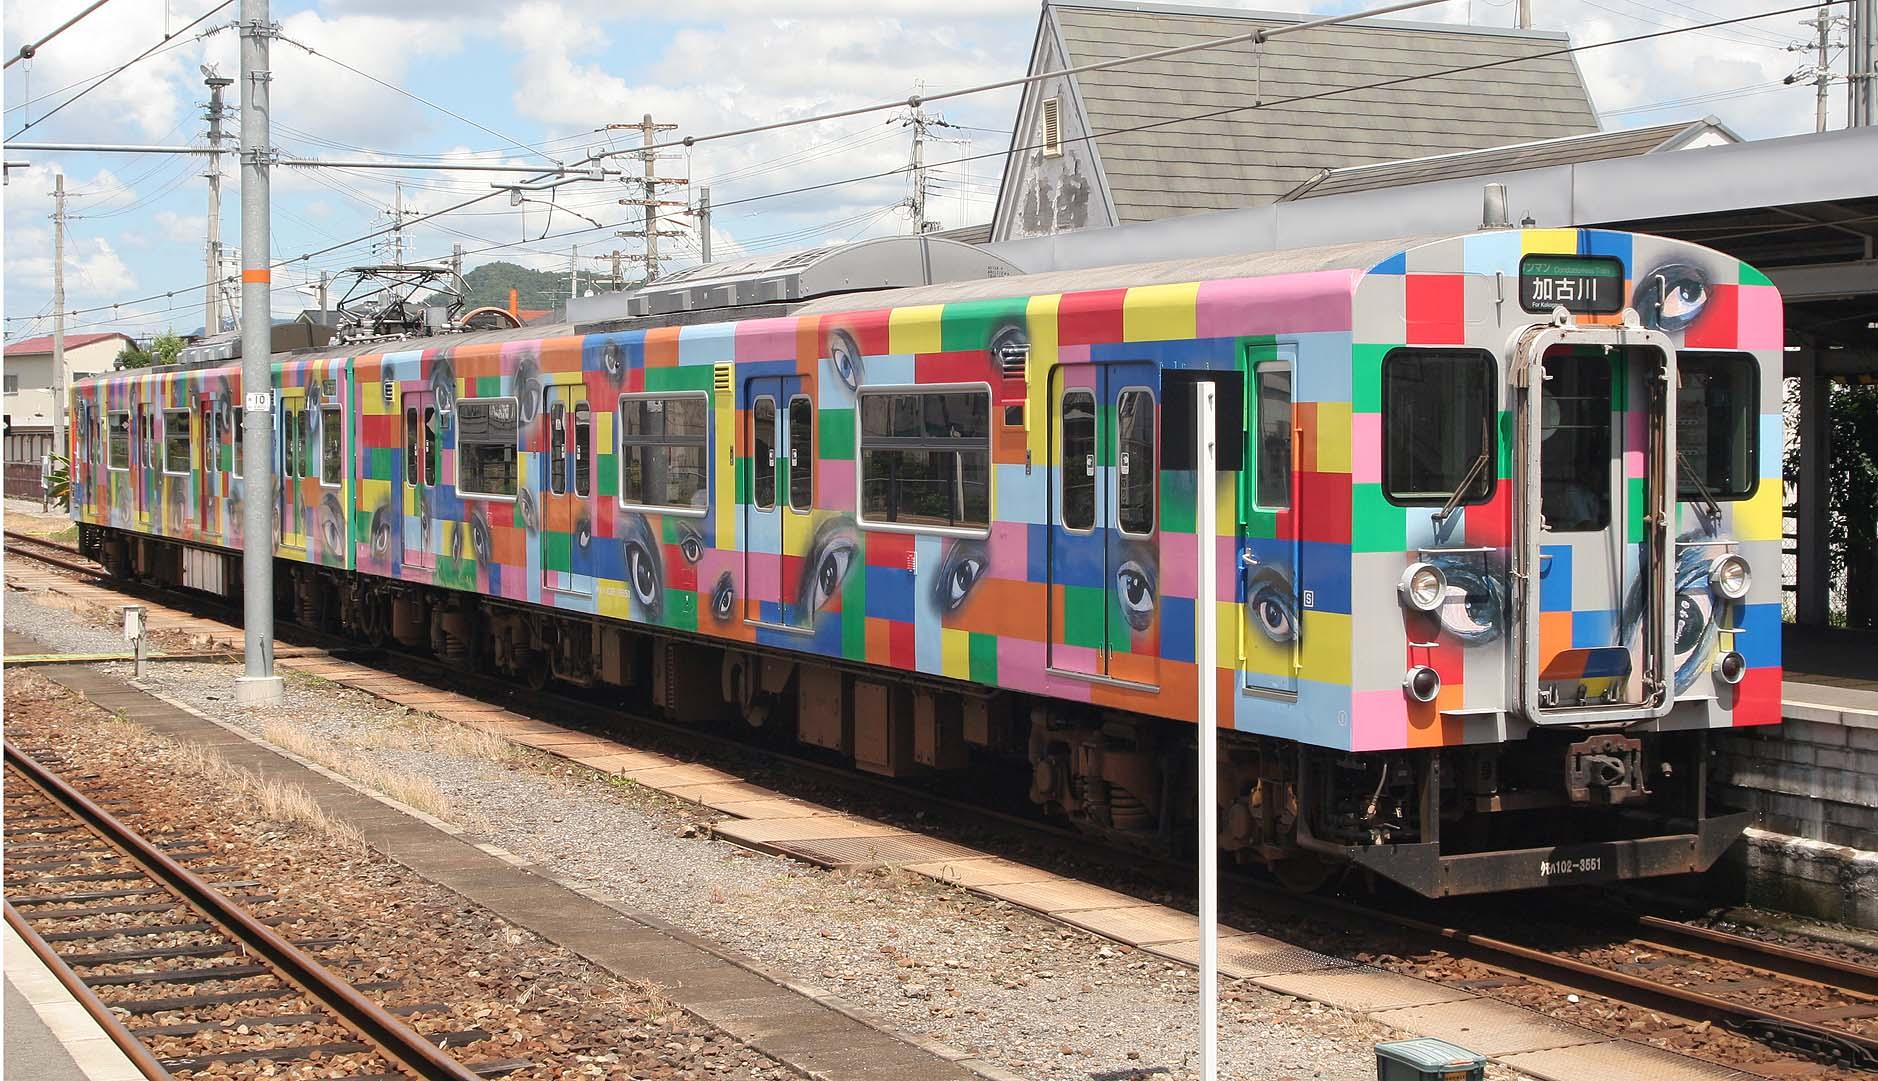 横尾忠則さんのラッピング電車の写真